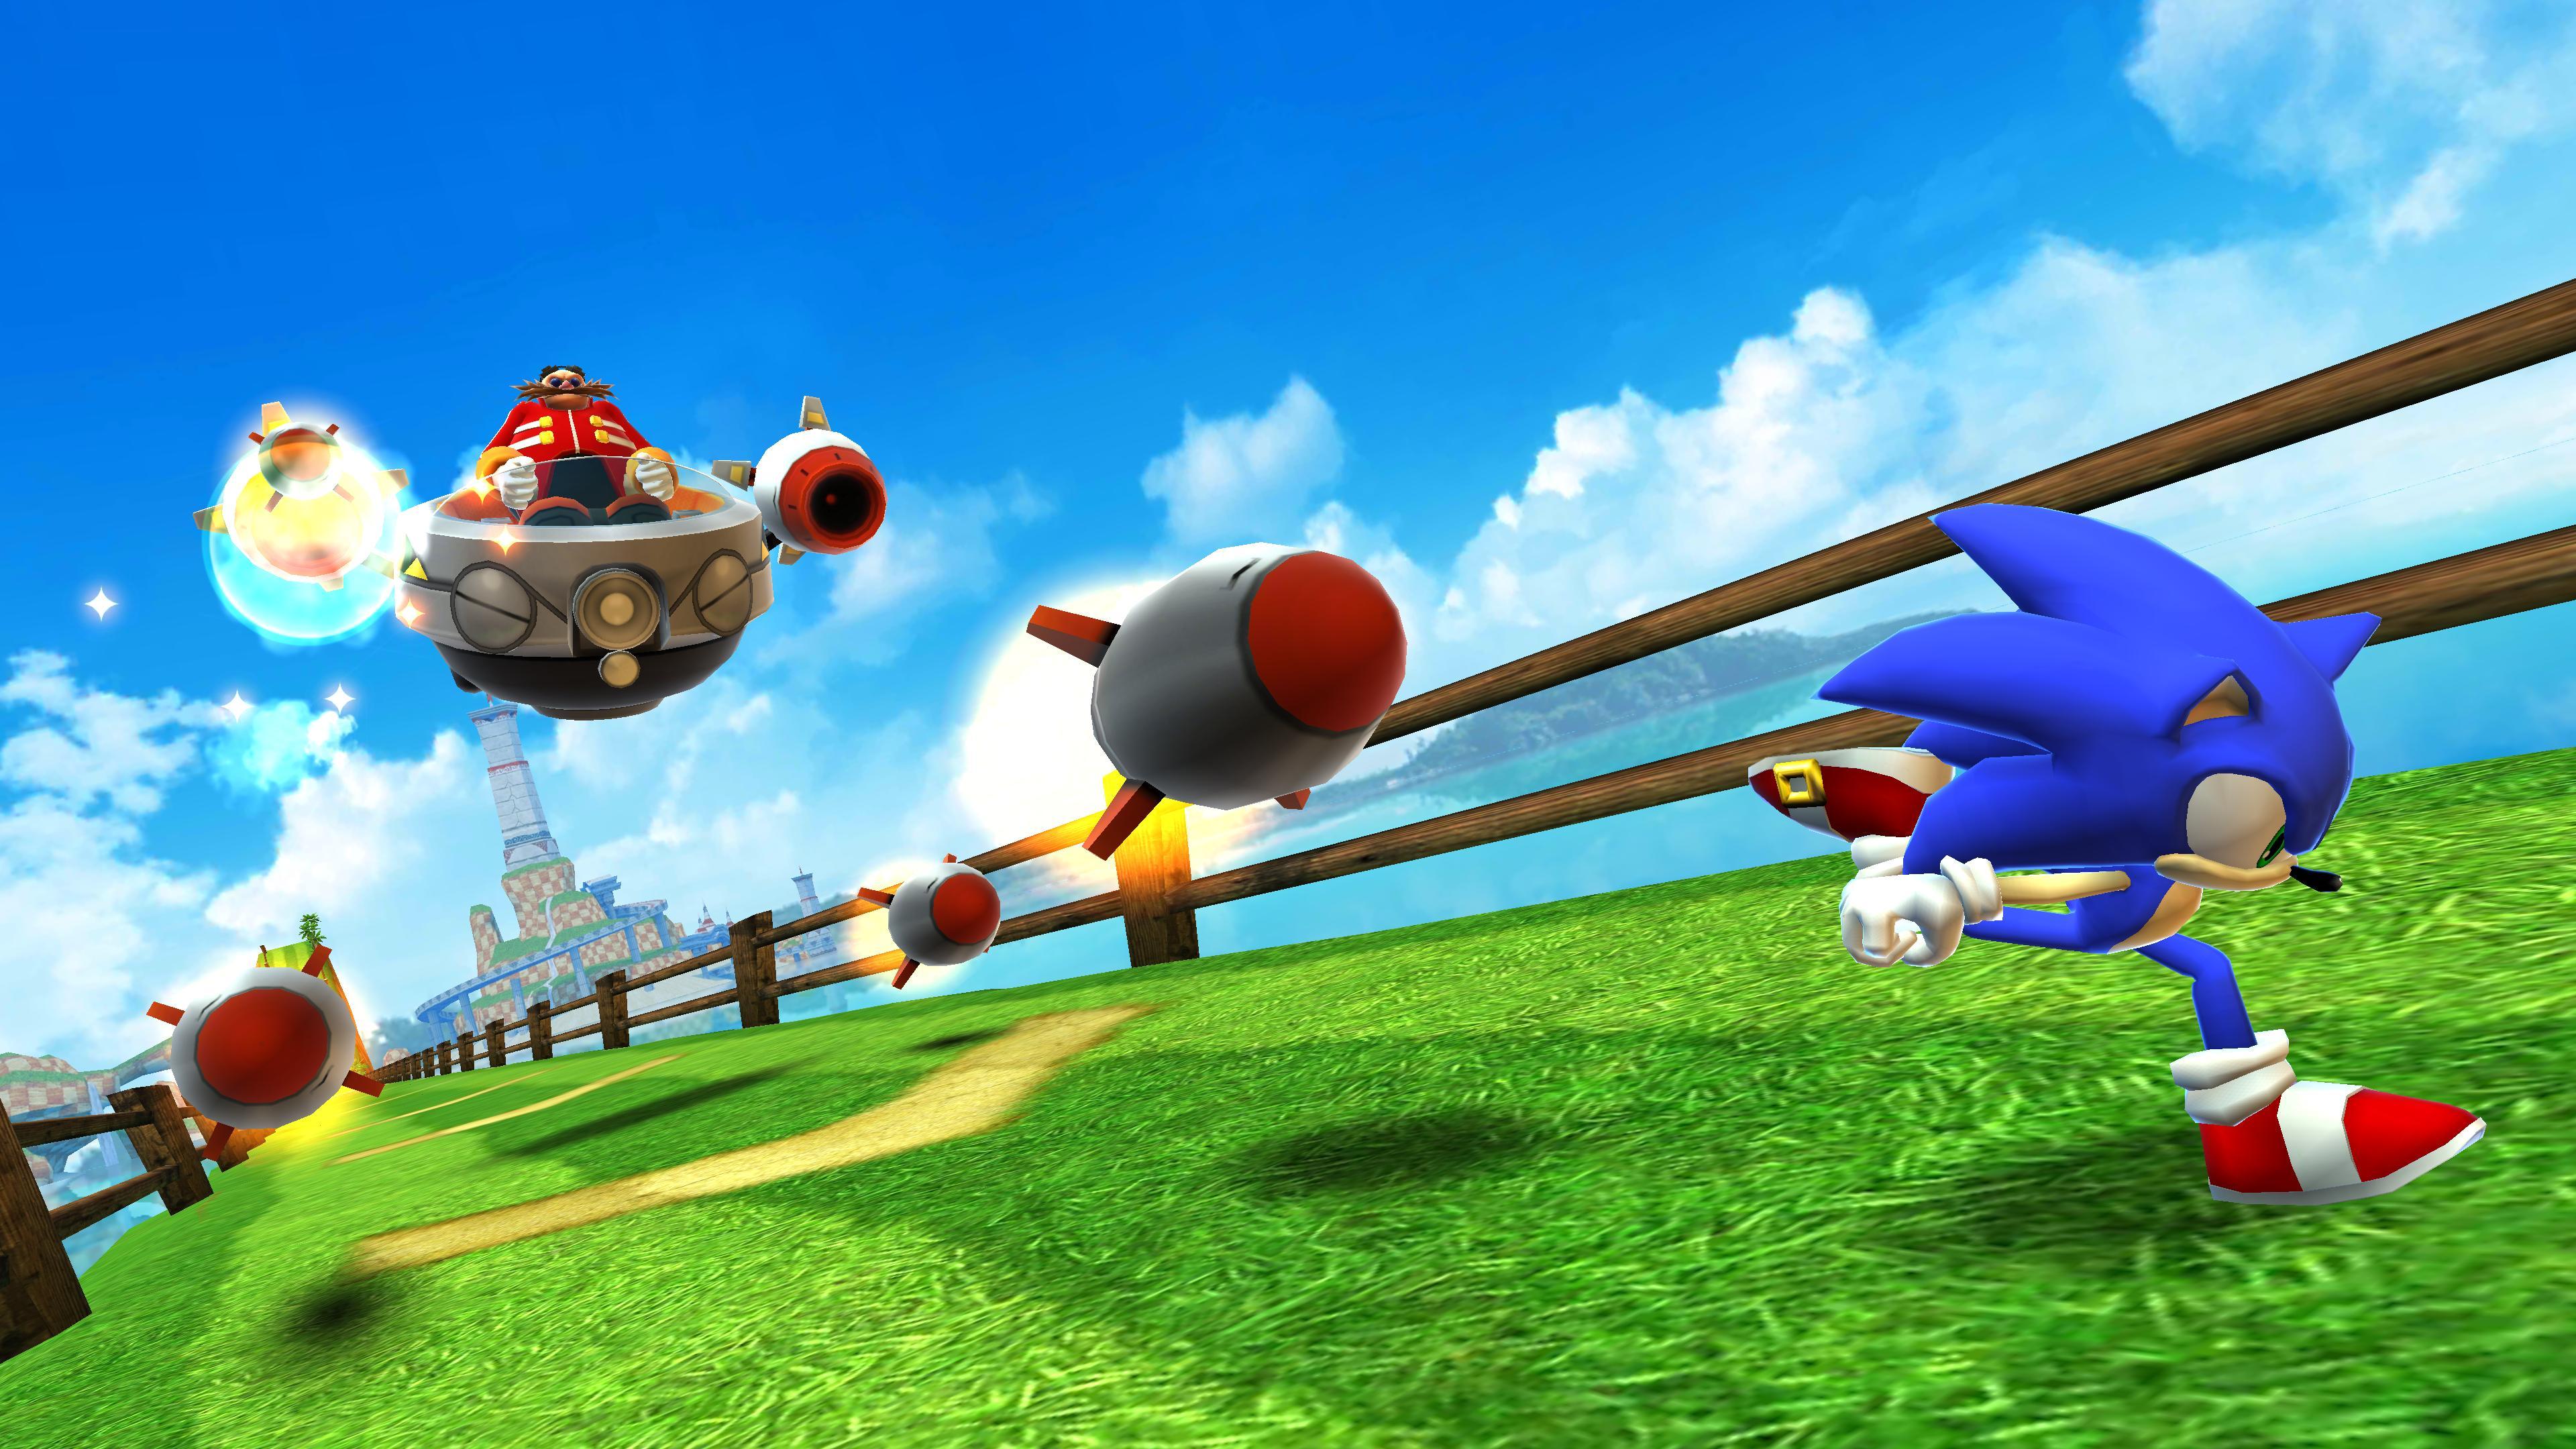 Sonic Dash - Endless Running & Racing Game 4.14.0 Screenshot 23